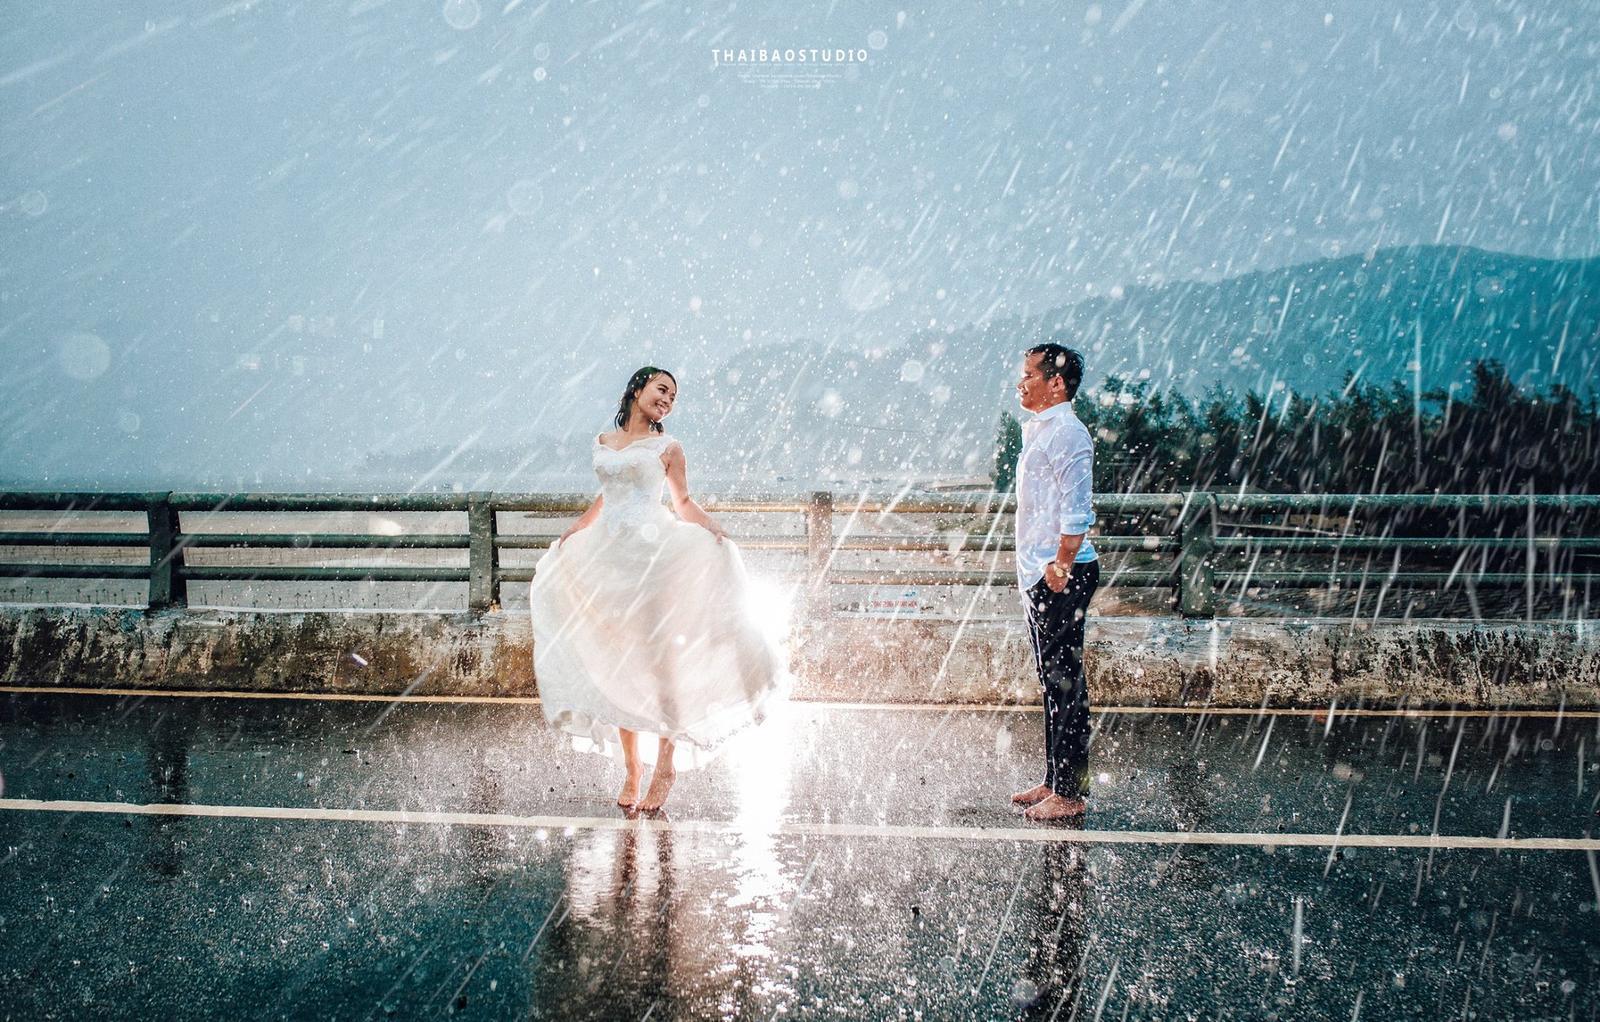 Tomu vravím krásne svadobné fotky, cítiť z nich radosť aj napriek dažďu. Úplne nádherné! :) - Obrázok č. 2